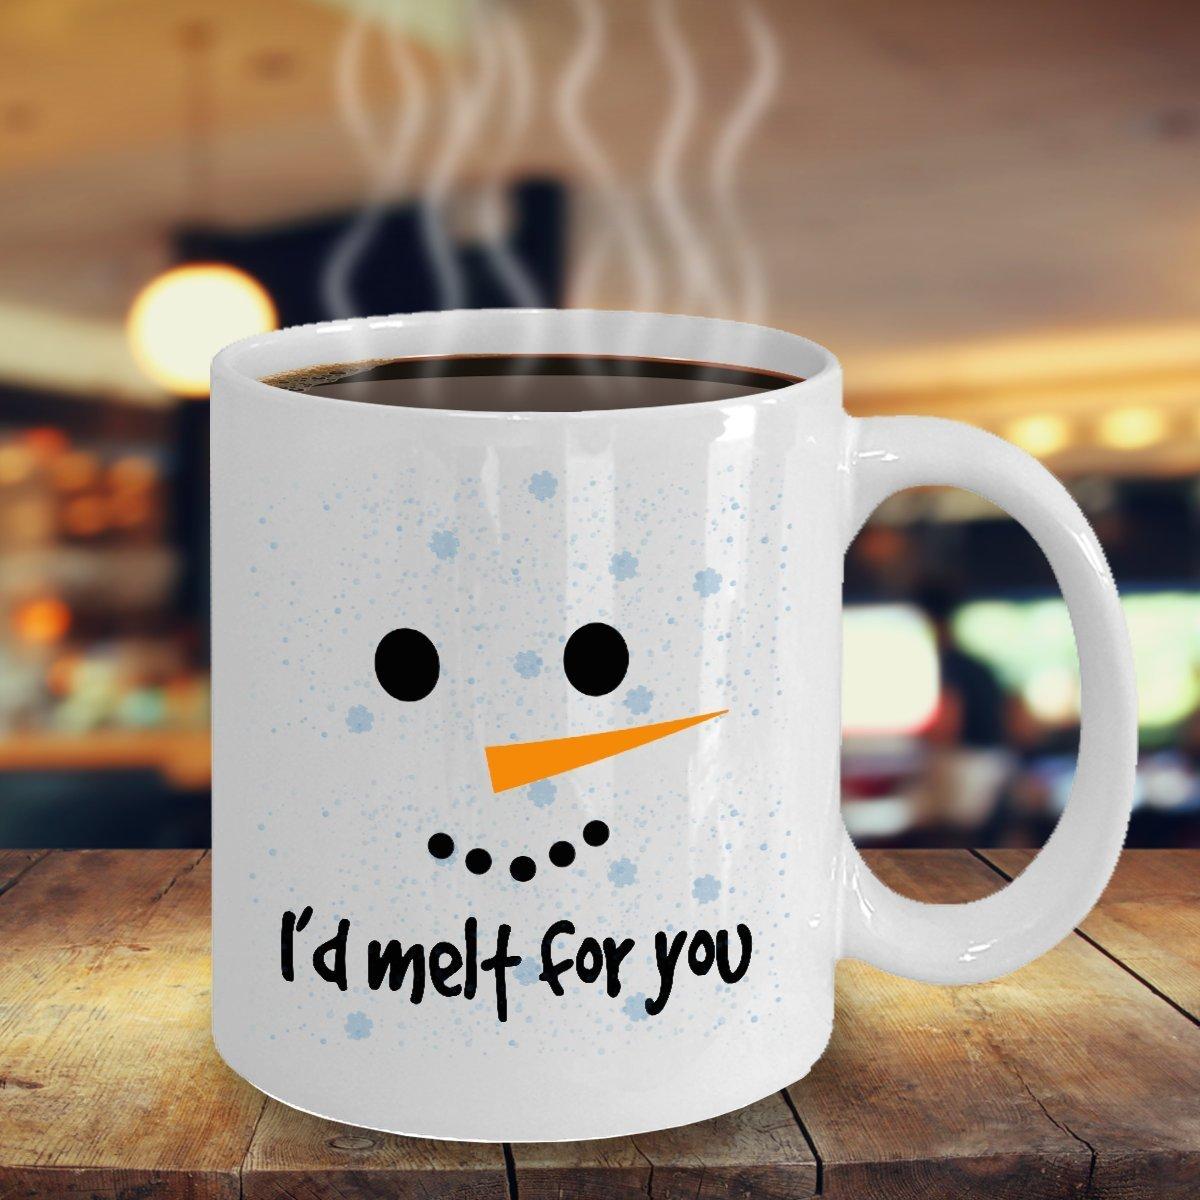 I'd Melt For You Mug